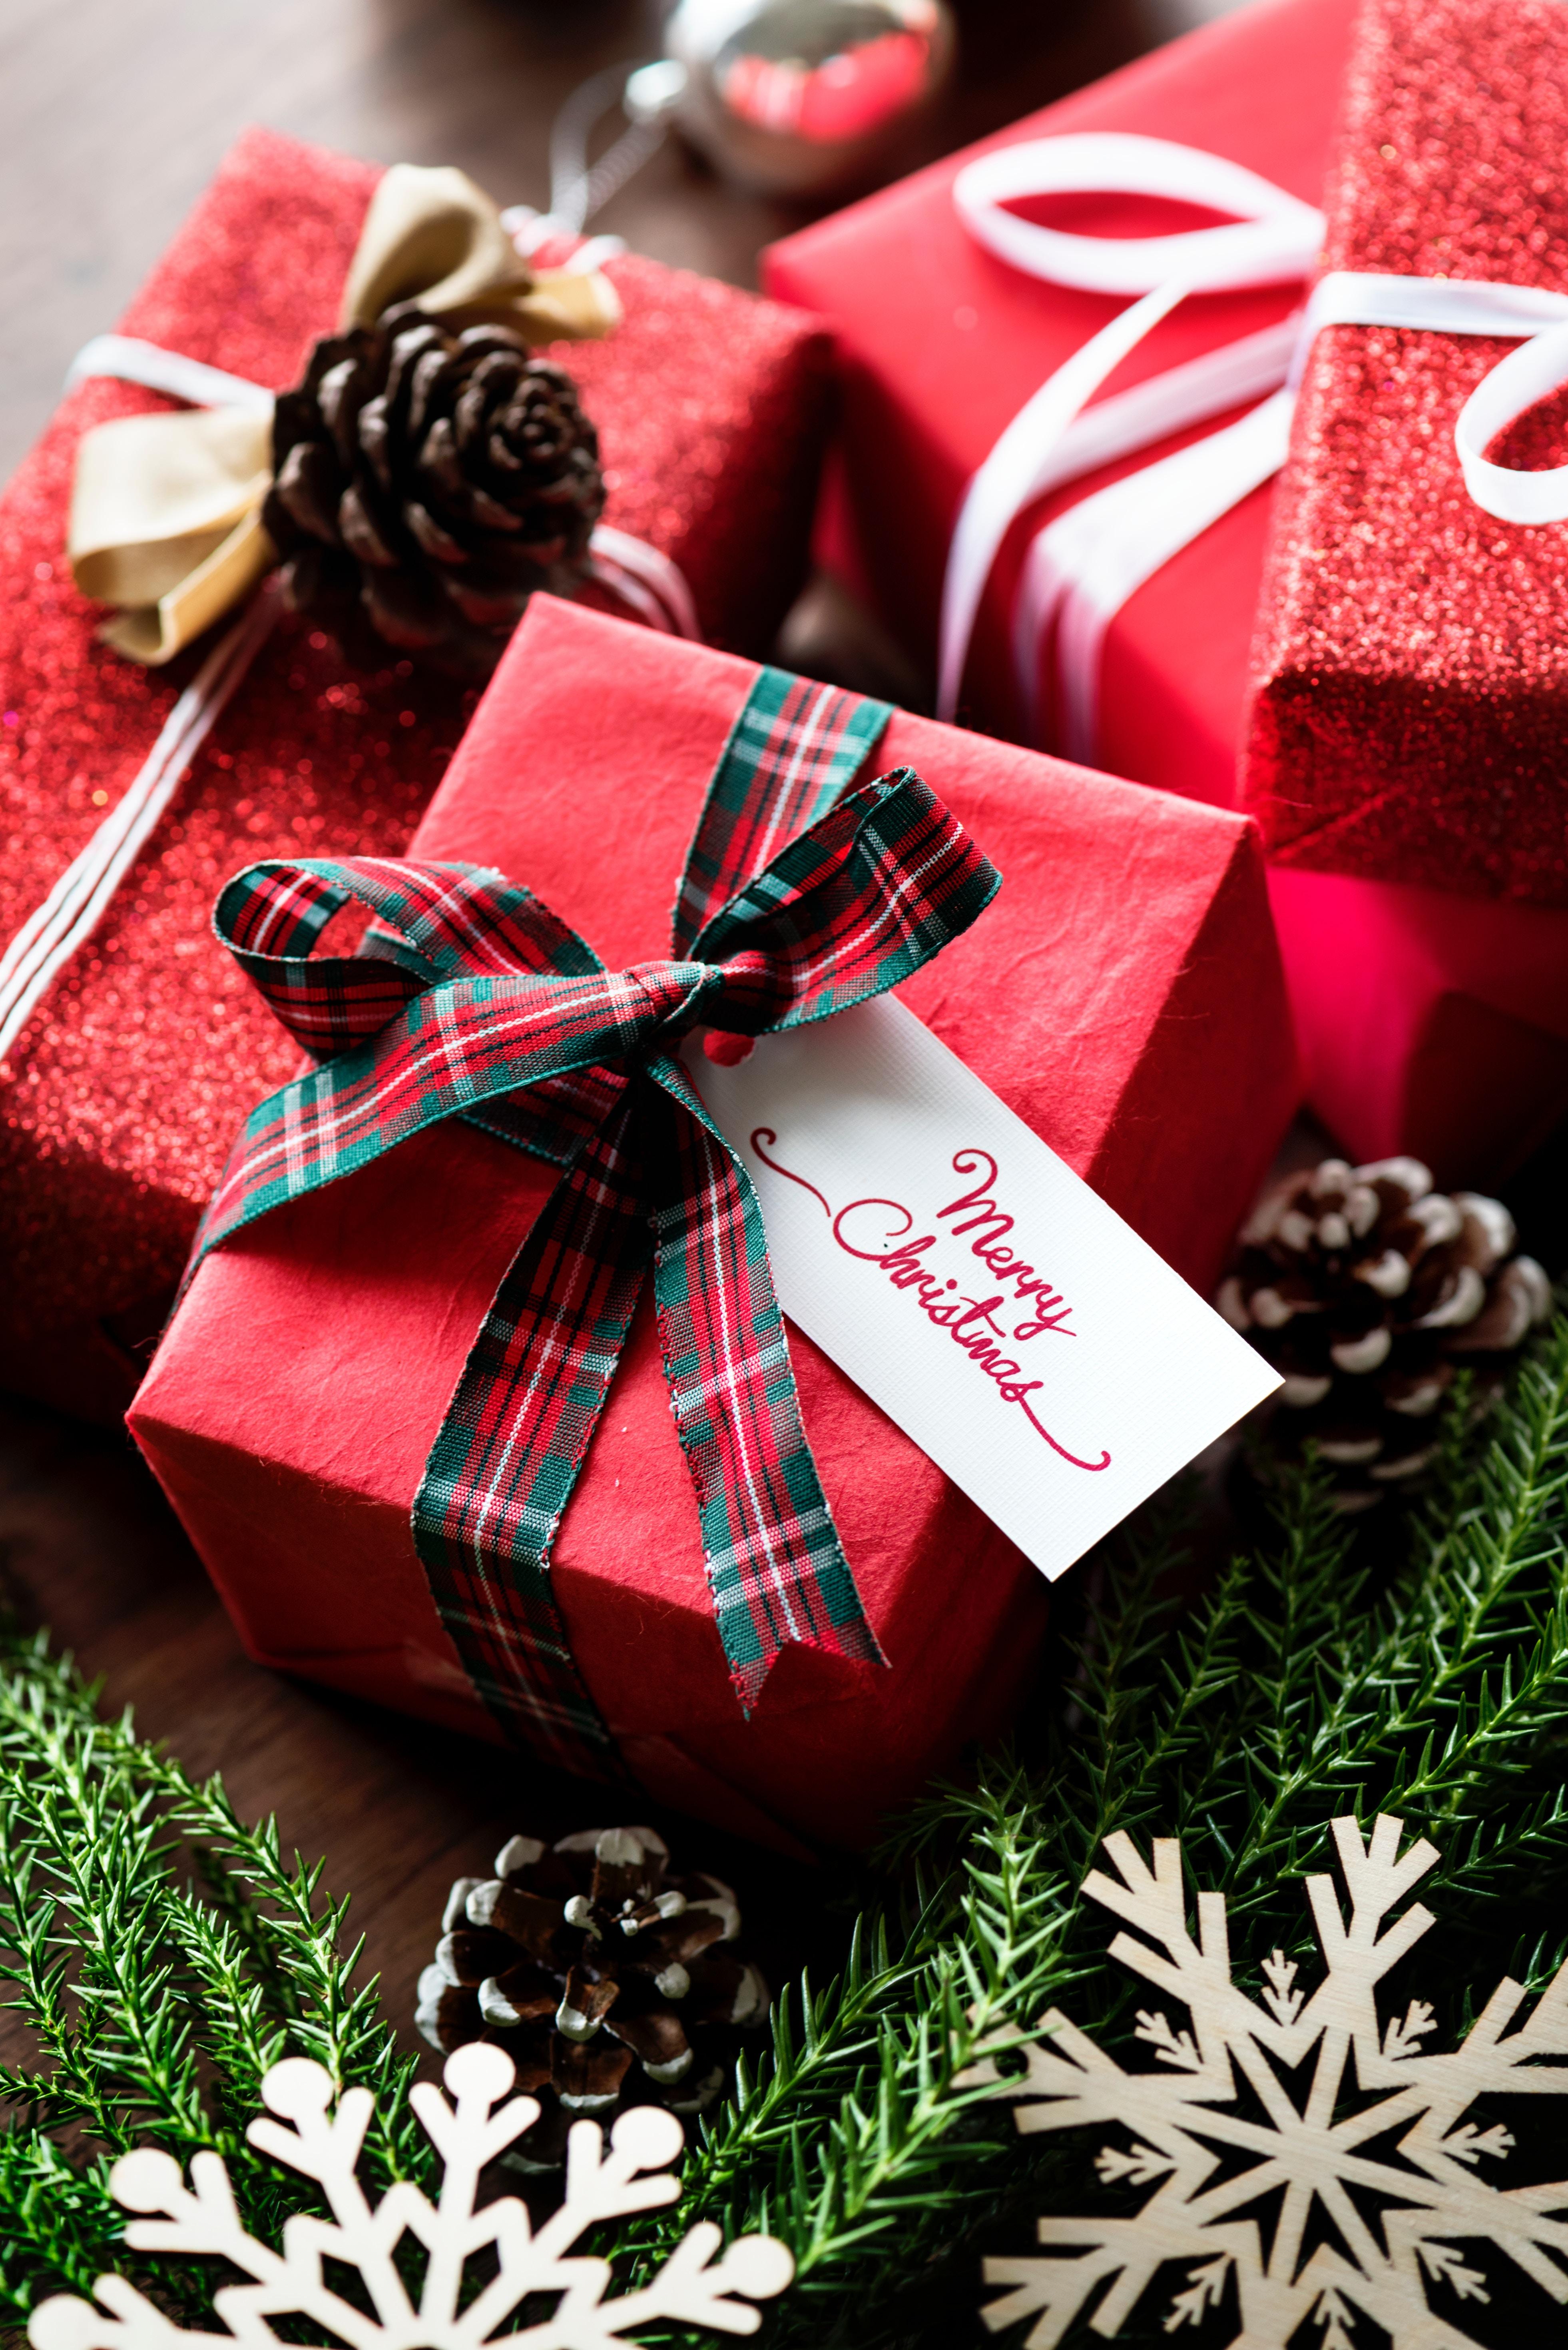 Ghidul cadourilor de Crăciun: idei pentru orice vârstă #PaginaHoHoHo